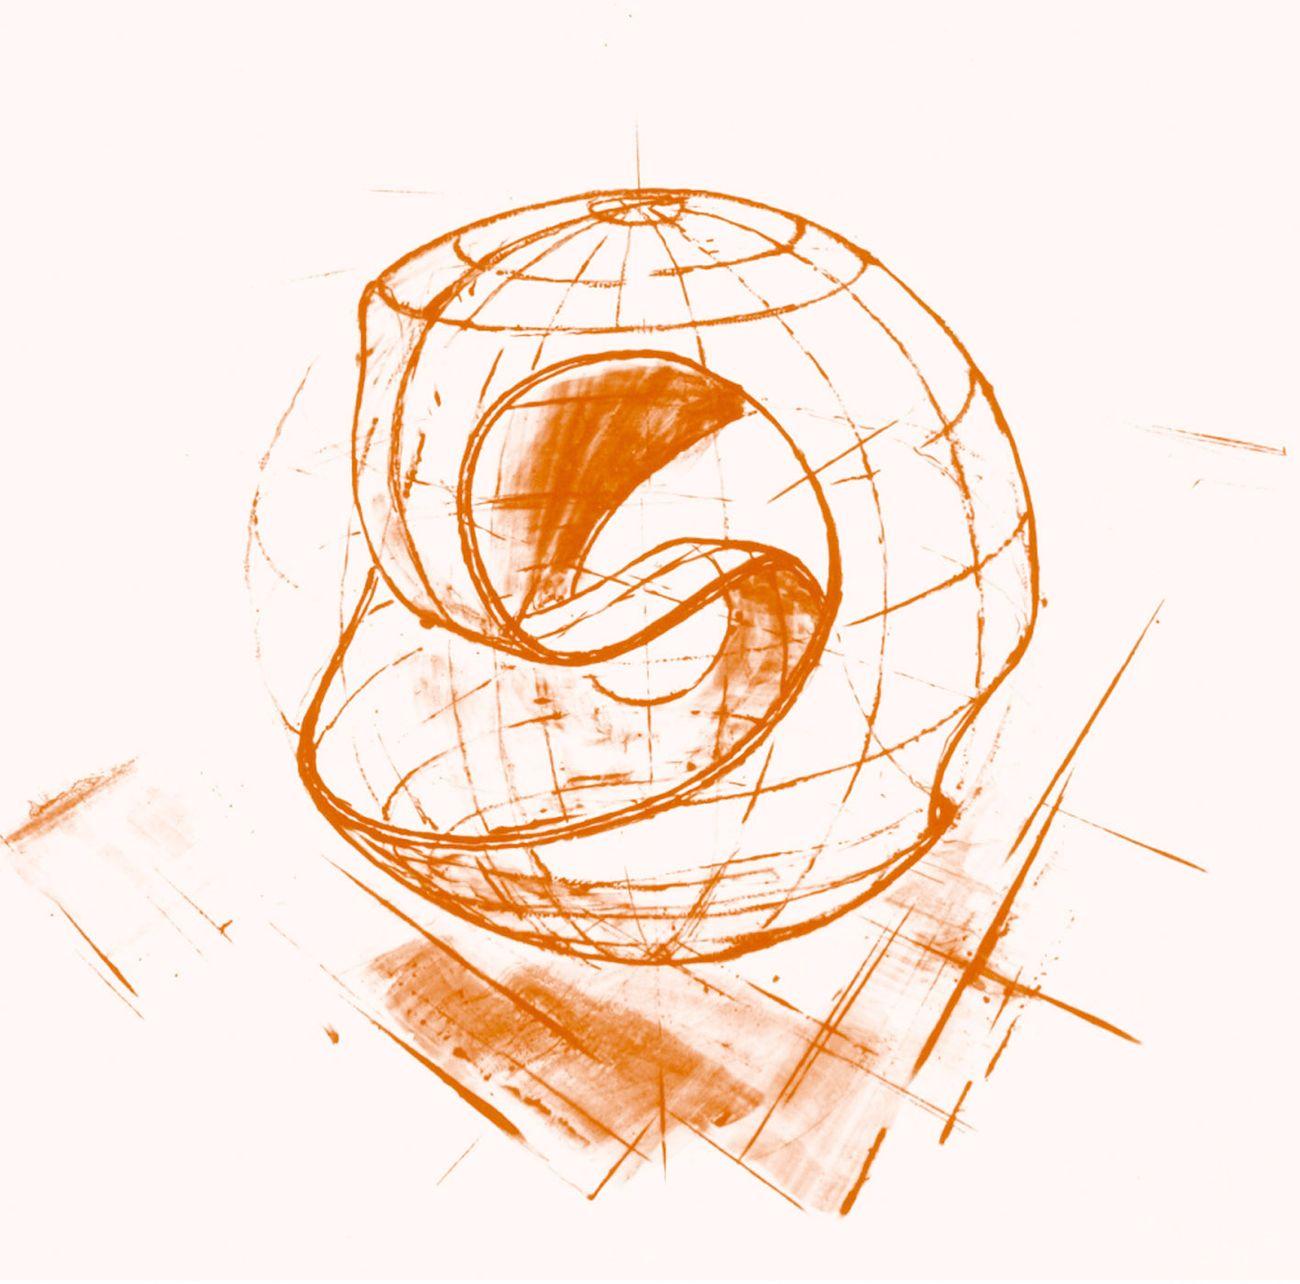 La sfera topologica ideata da Vittorio Giorgini, a partire dal modello dell'anello di Moebius (disegno)